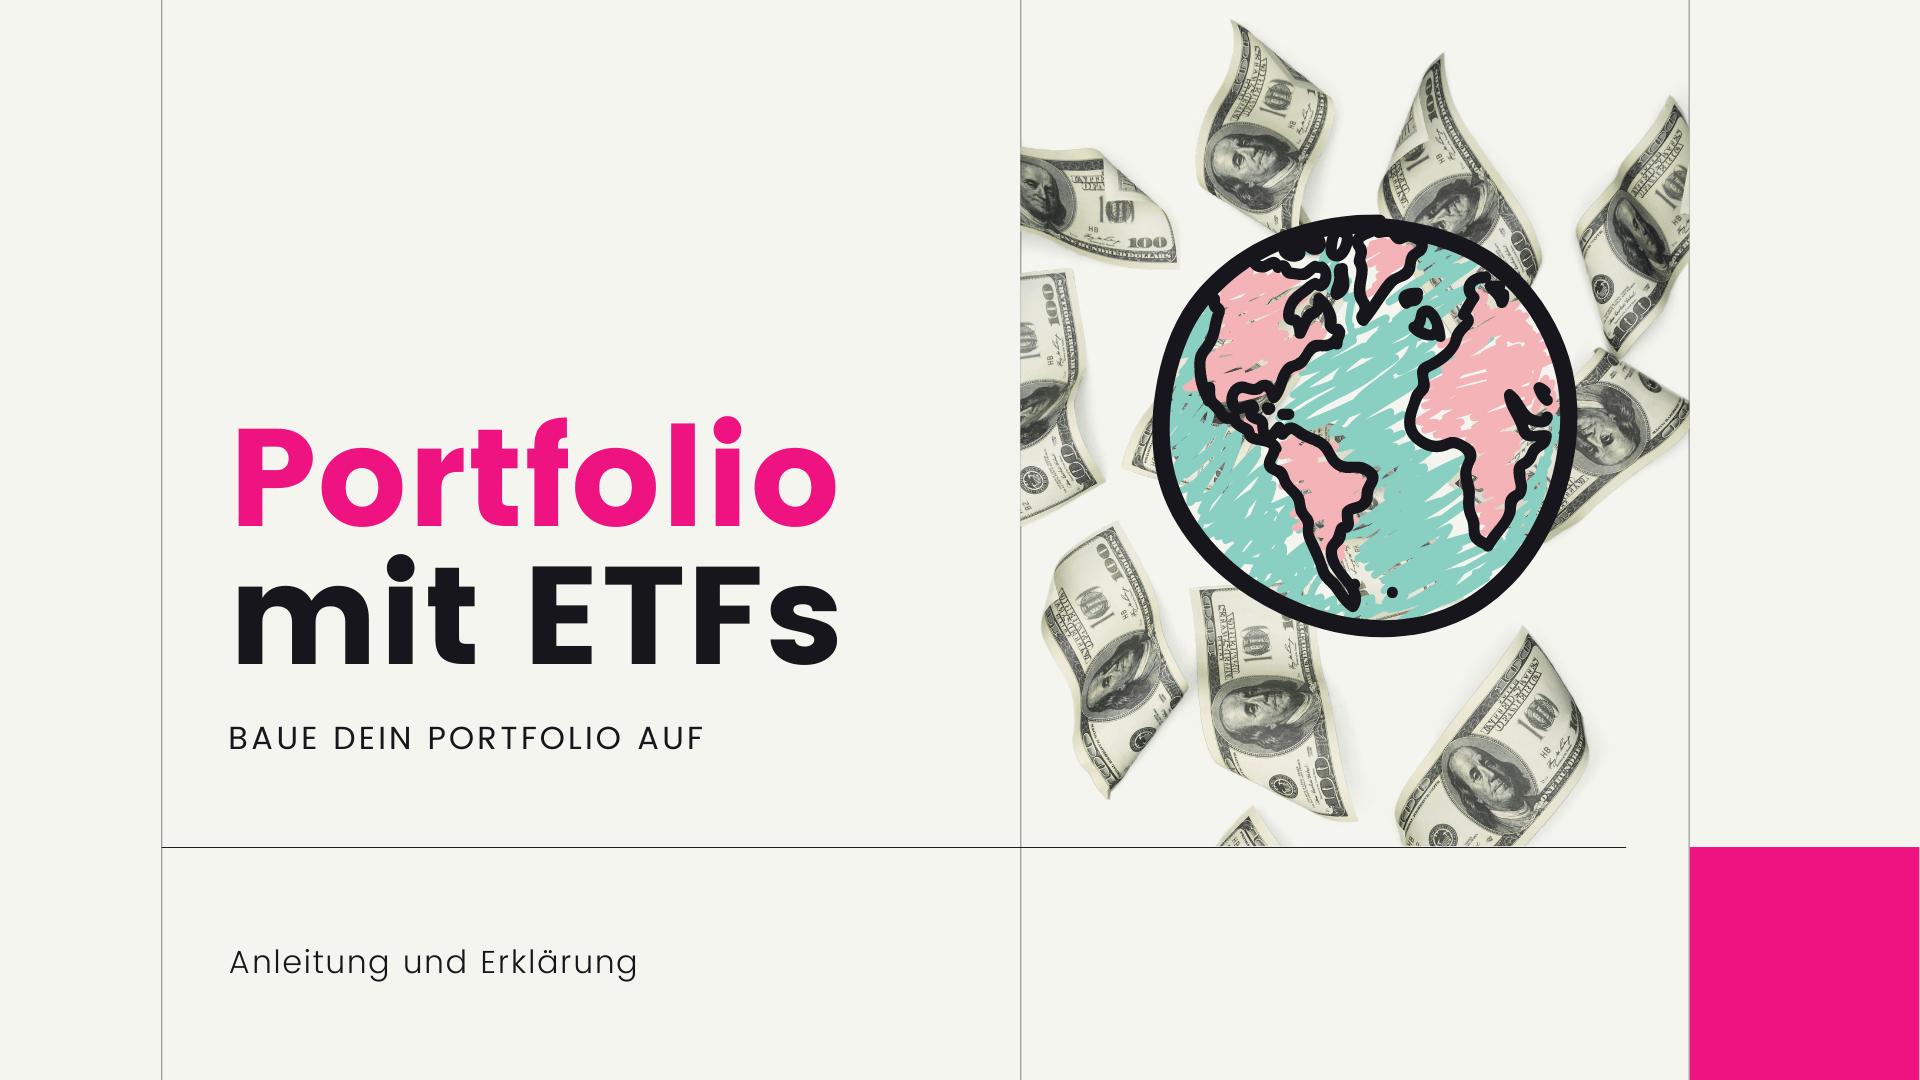 Wie baue ich ein Portfolio mit ETFs auf?